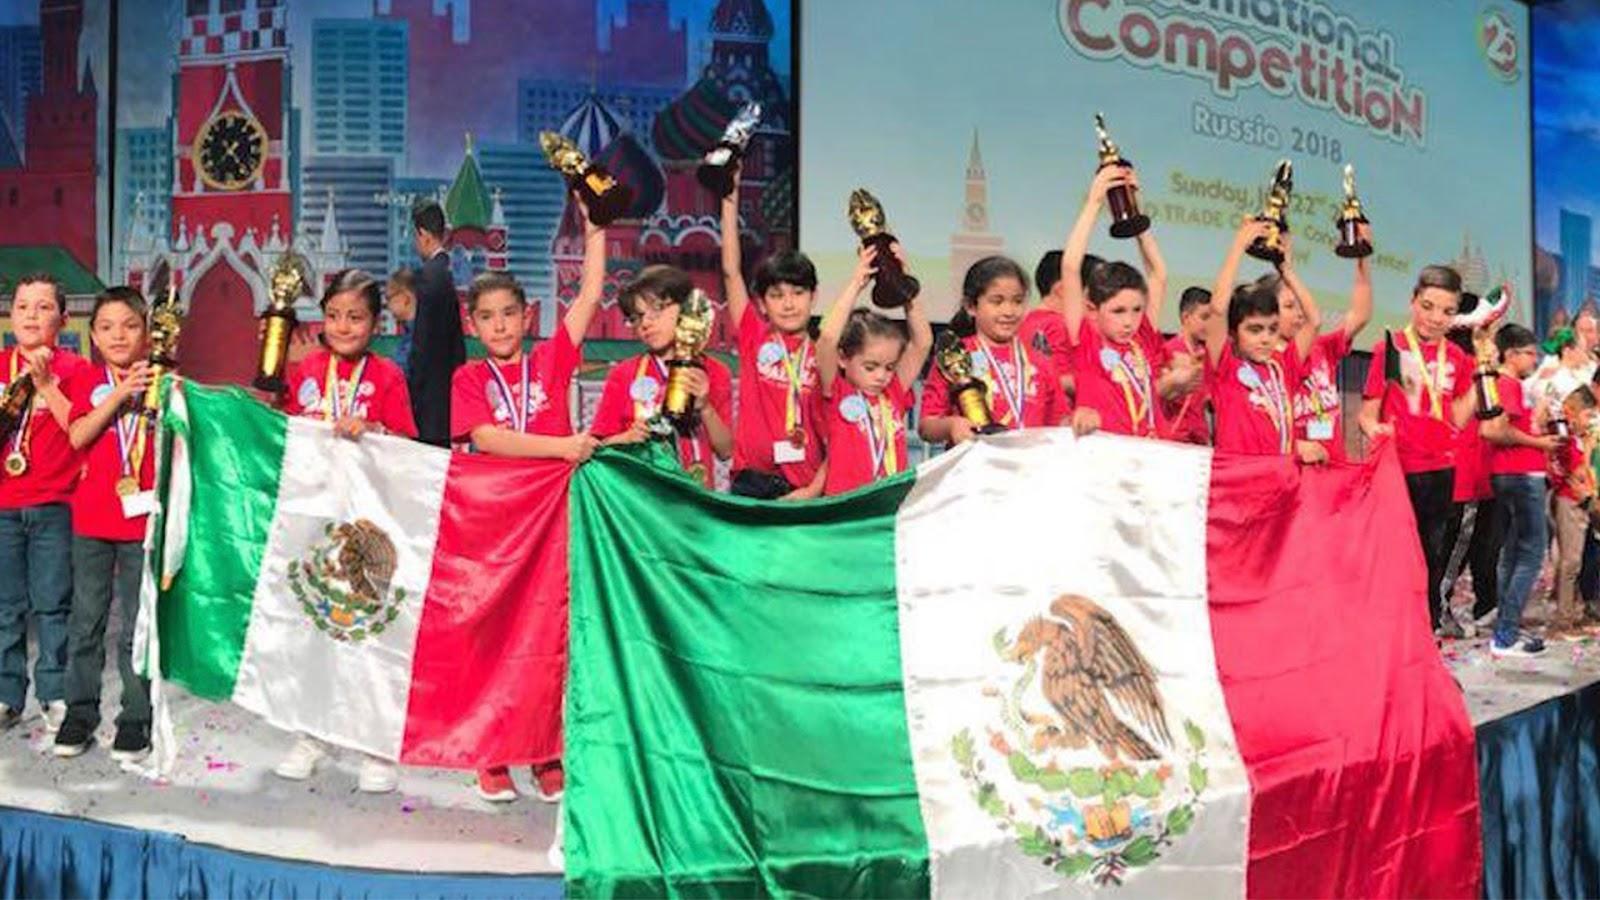 Nueve niños mexicanos ganan concurso internacional de cálculo mental en Rusia